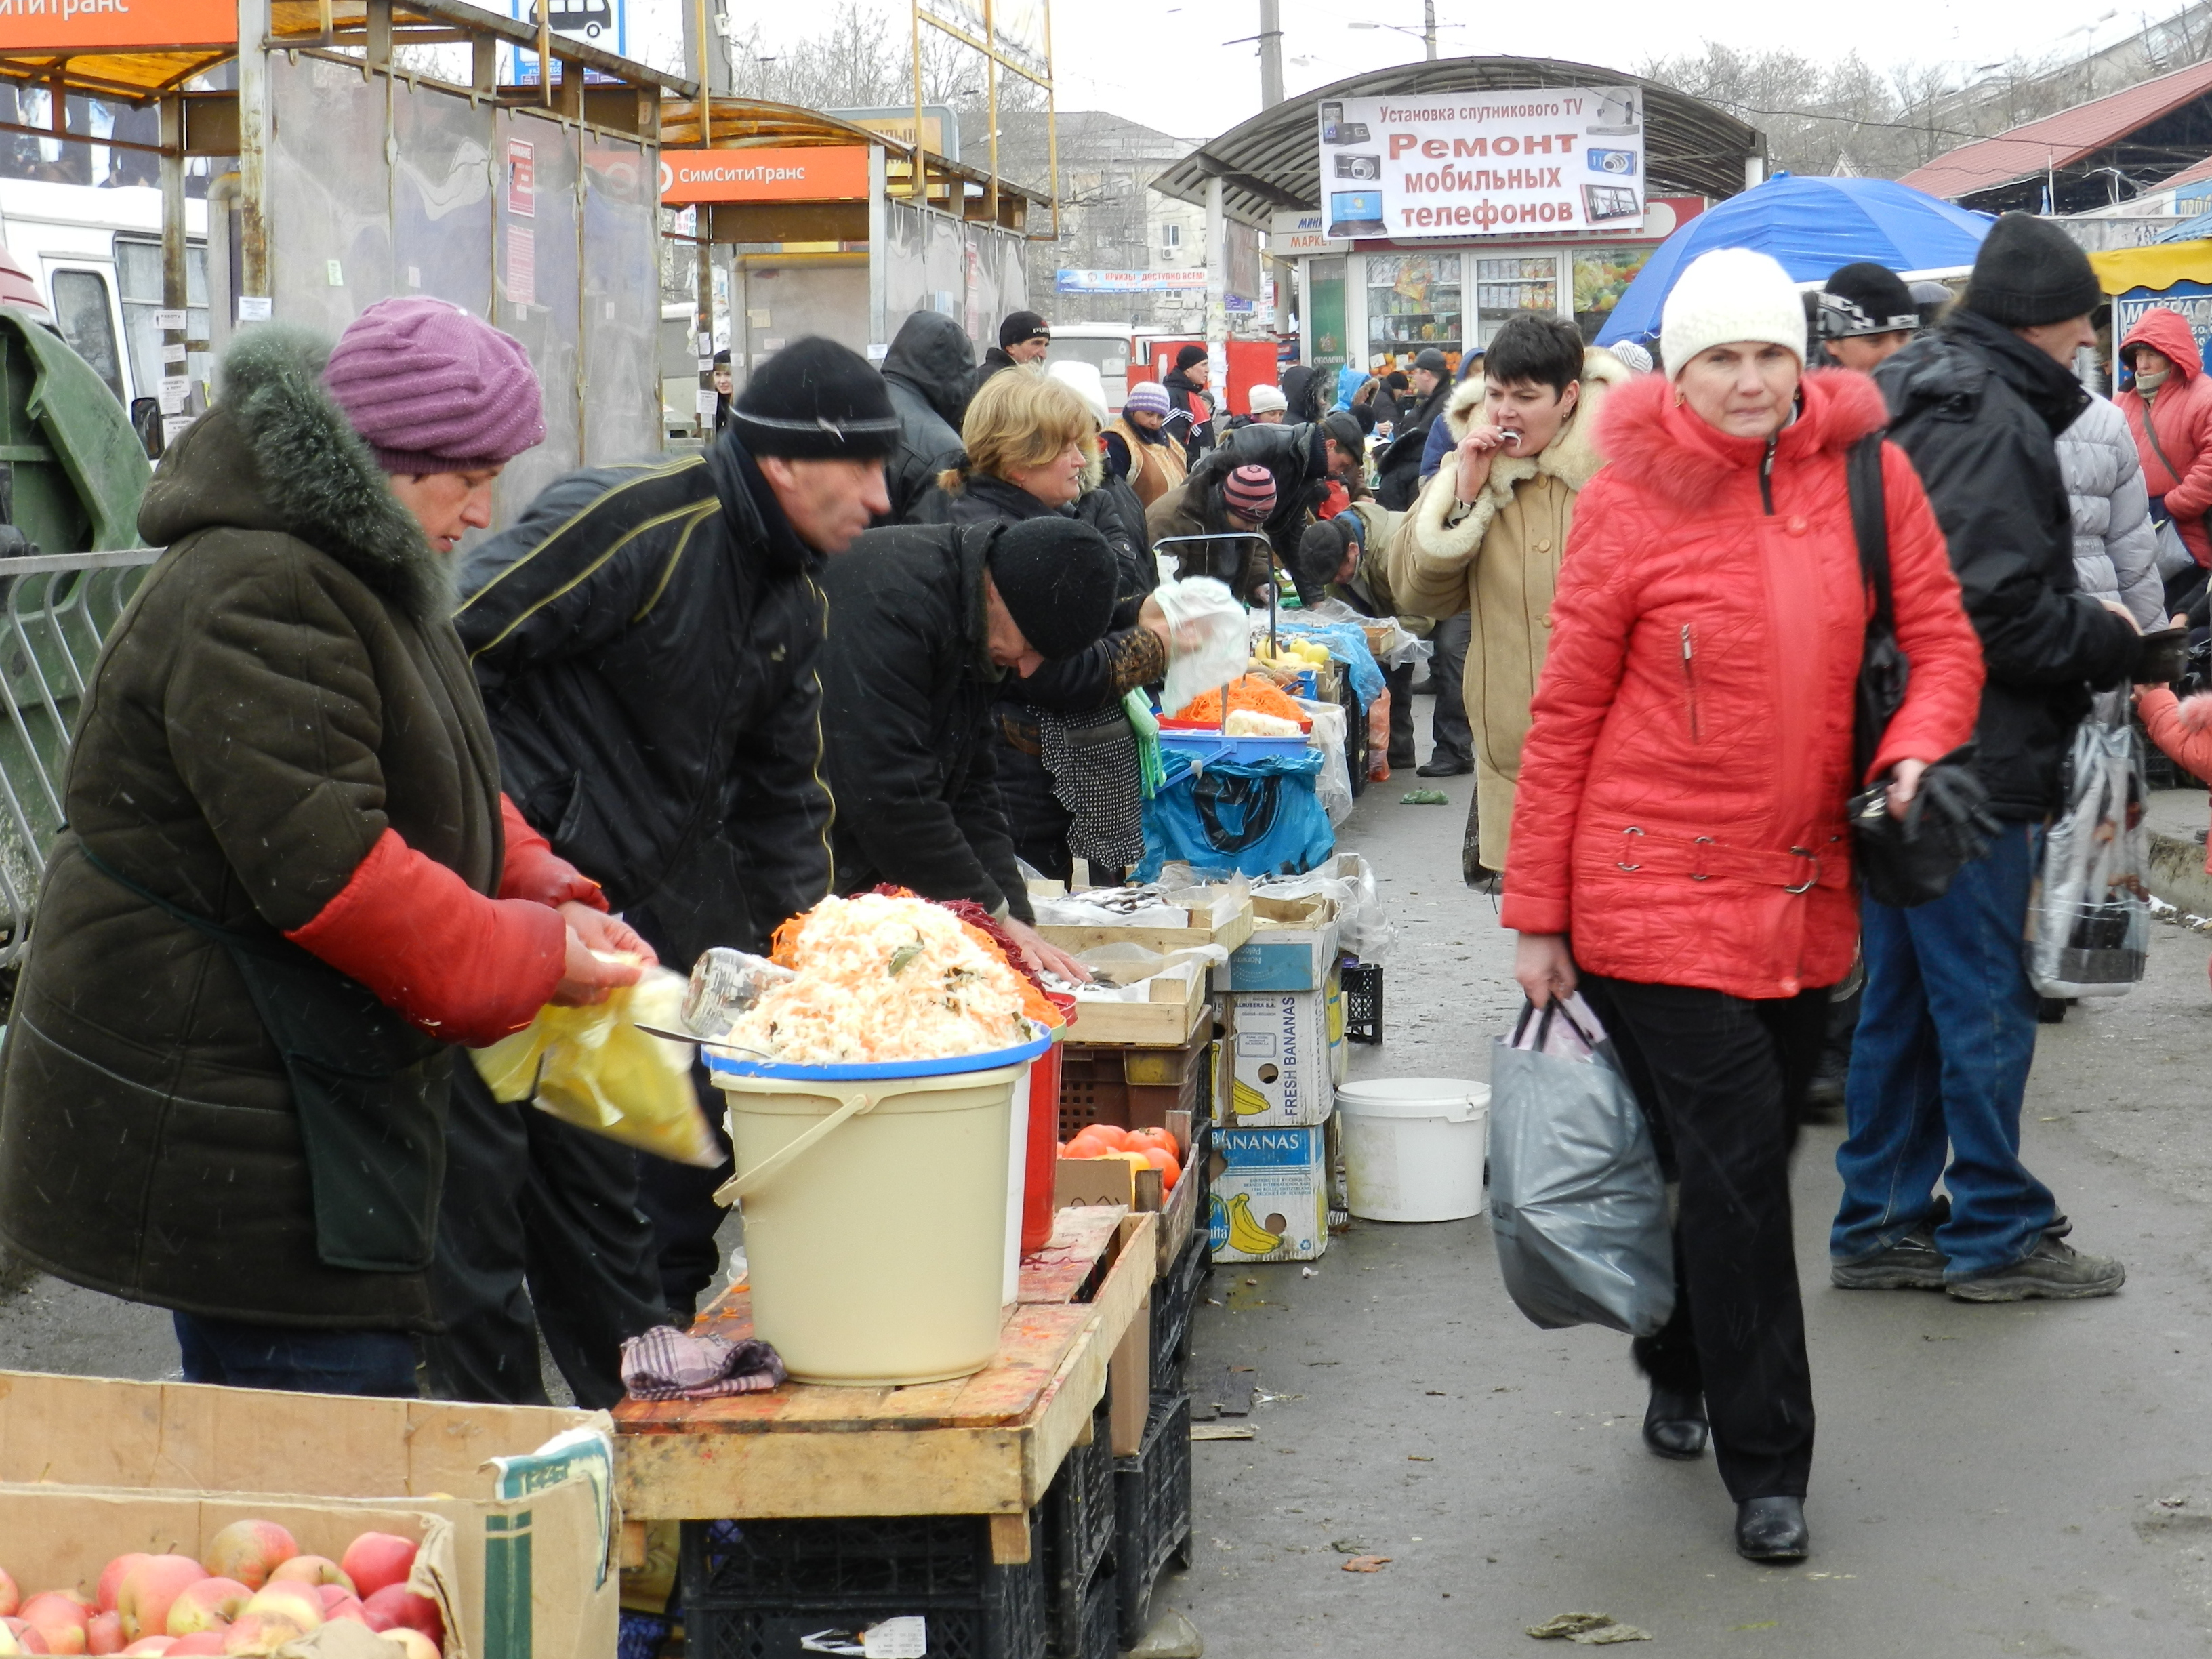 ВКрыму штраф за нелегальную торговлю увеличили до5 тыс. руб.